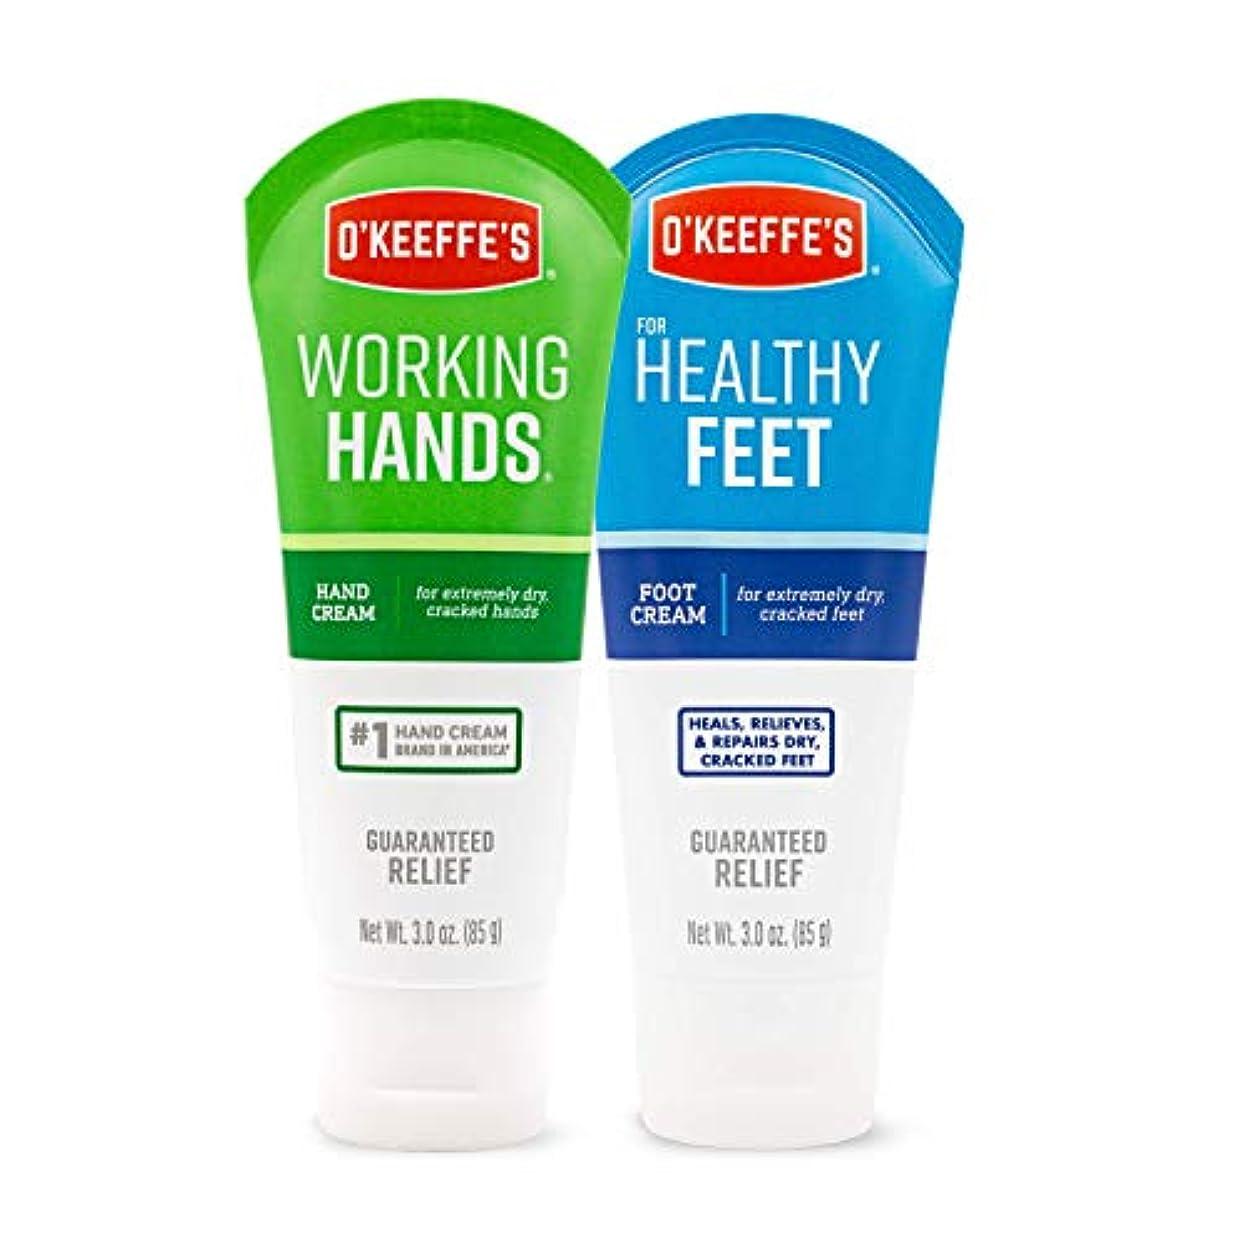 サーバント聴覚のスコアオキーフス ワーキングハンドクリーム &フィートクリームチューブ  85g 各1(合計2点)(並行輸入品) O'Keeffe's Working Hand & Feet Tube Cream 3oz 1 each